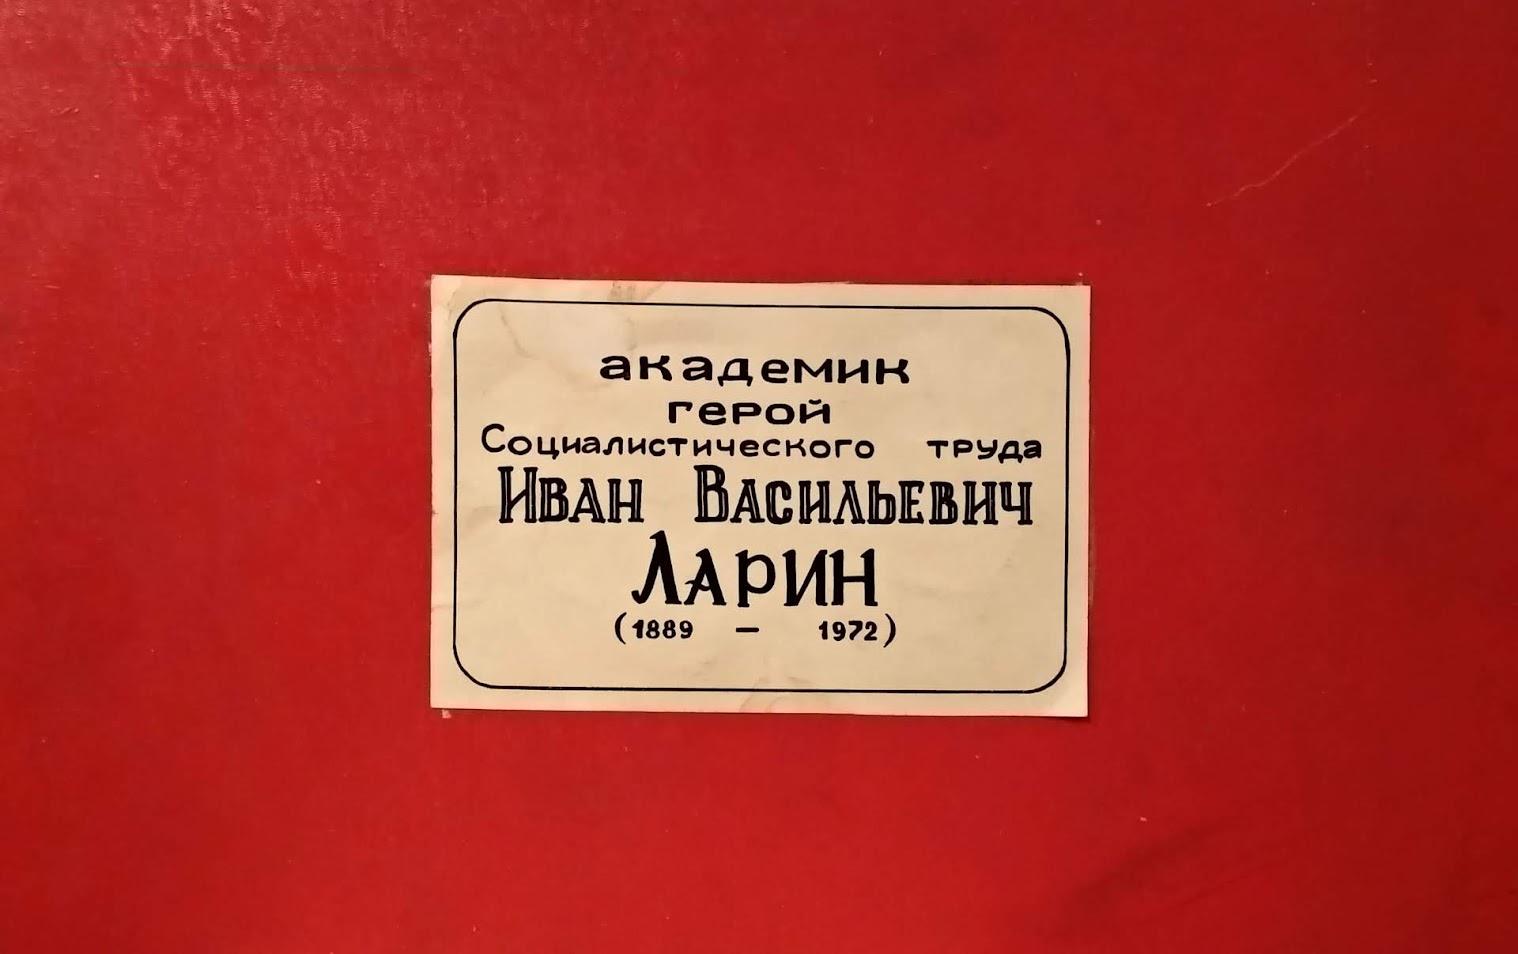 Ларин Иван Васильевич (1889 - 1972) - академик, Герой социалистического труда.